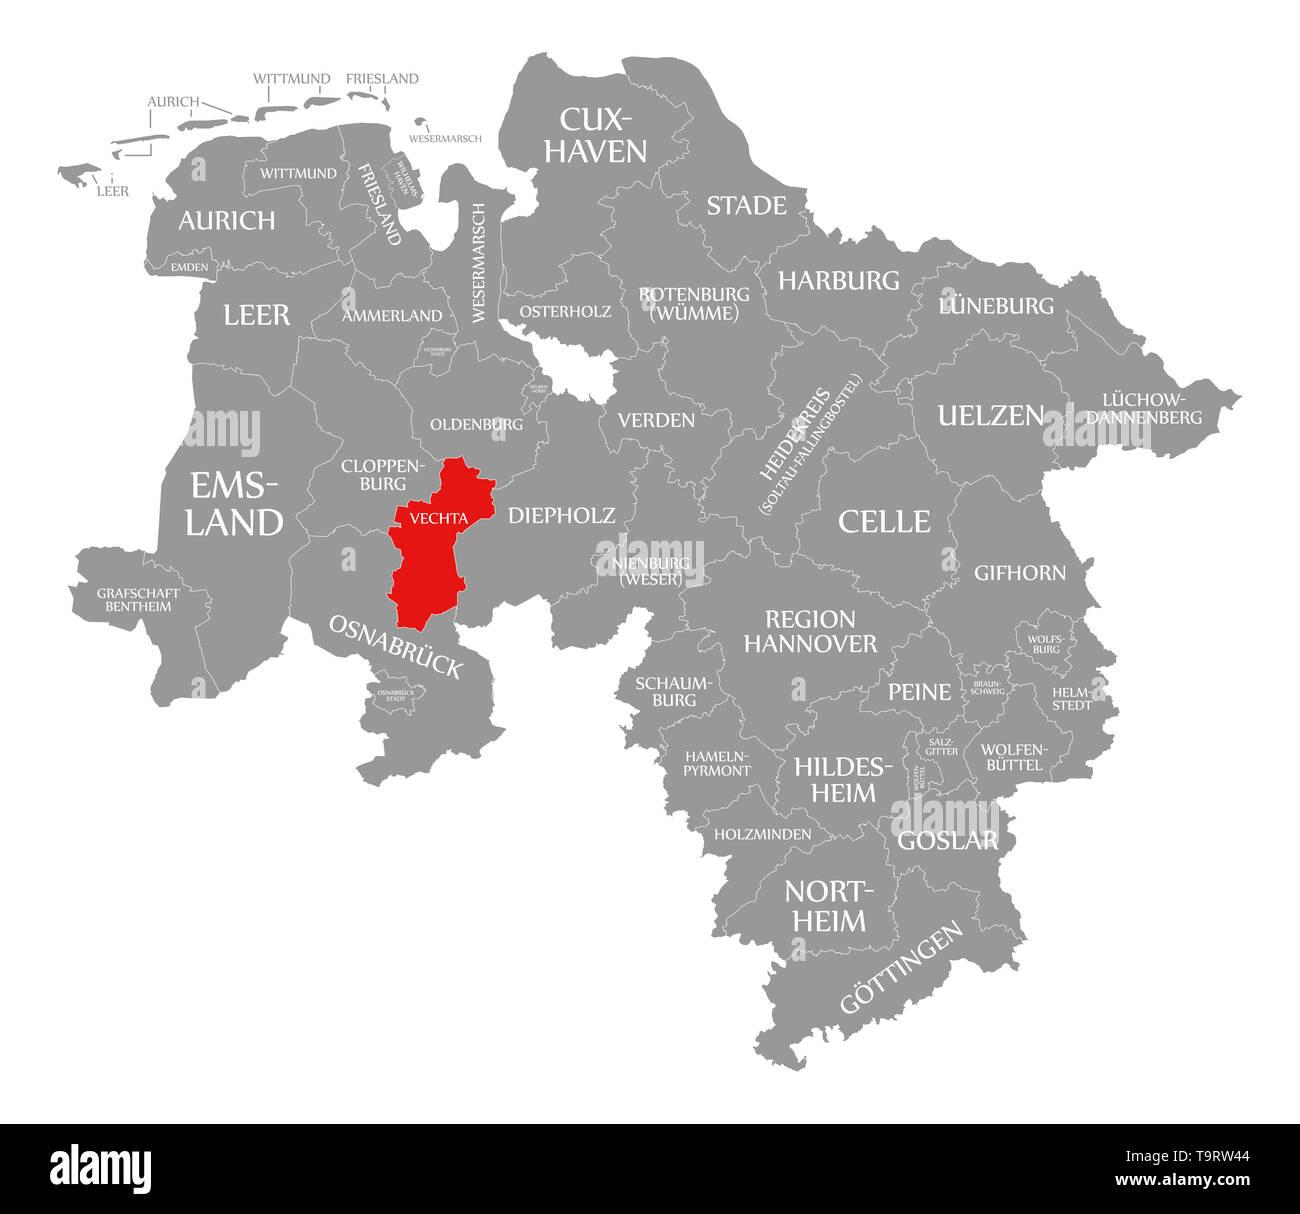 Vechta County In Rot Hervorgehoben Karte Von Niedersachsen